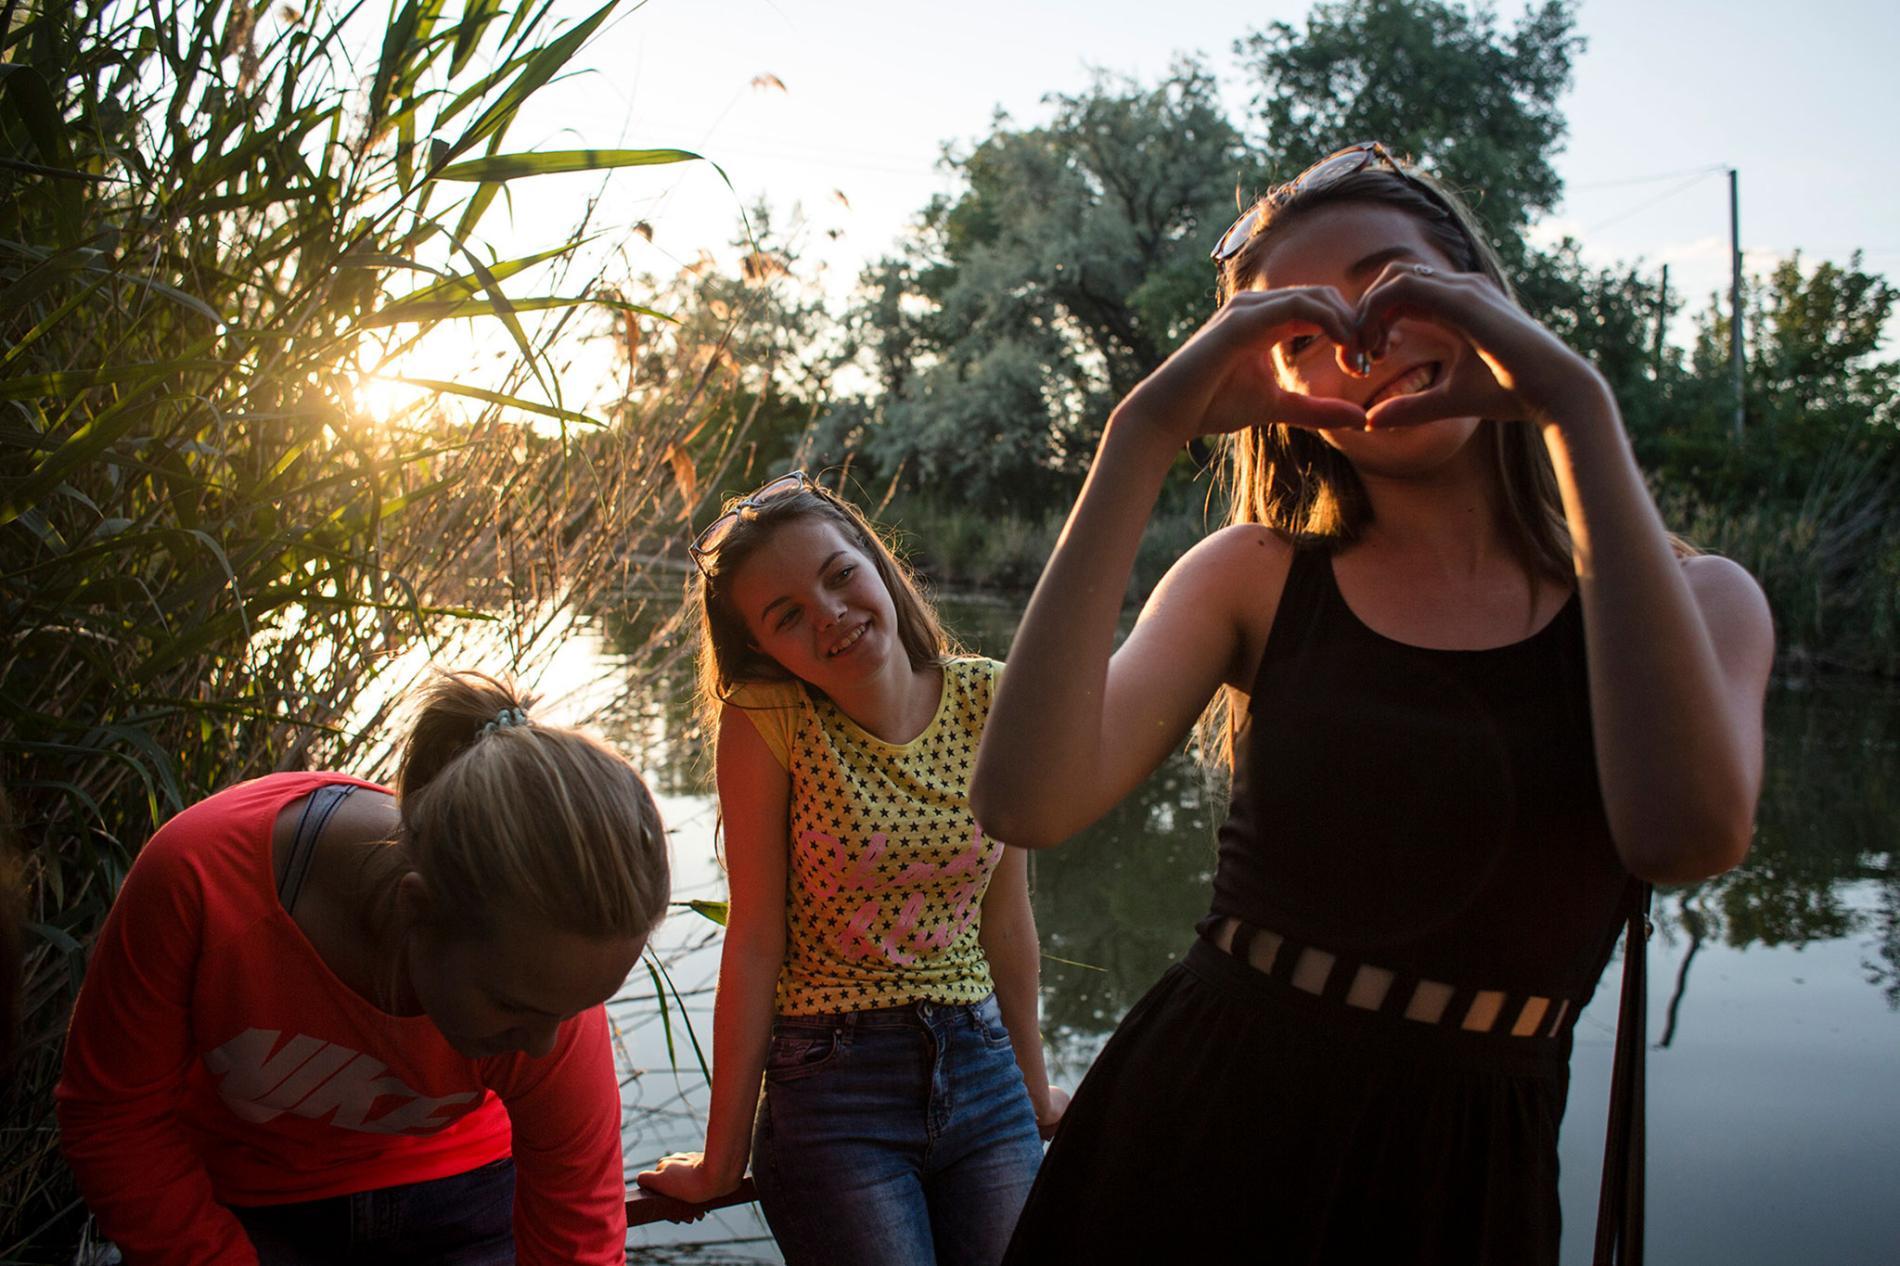 Детство под обстрелами! Быть ребенком на войне: National Geographic показала пронзительный фоторепортаж с Донбасса